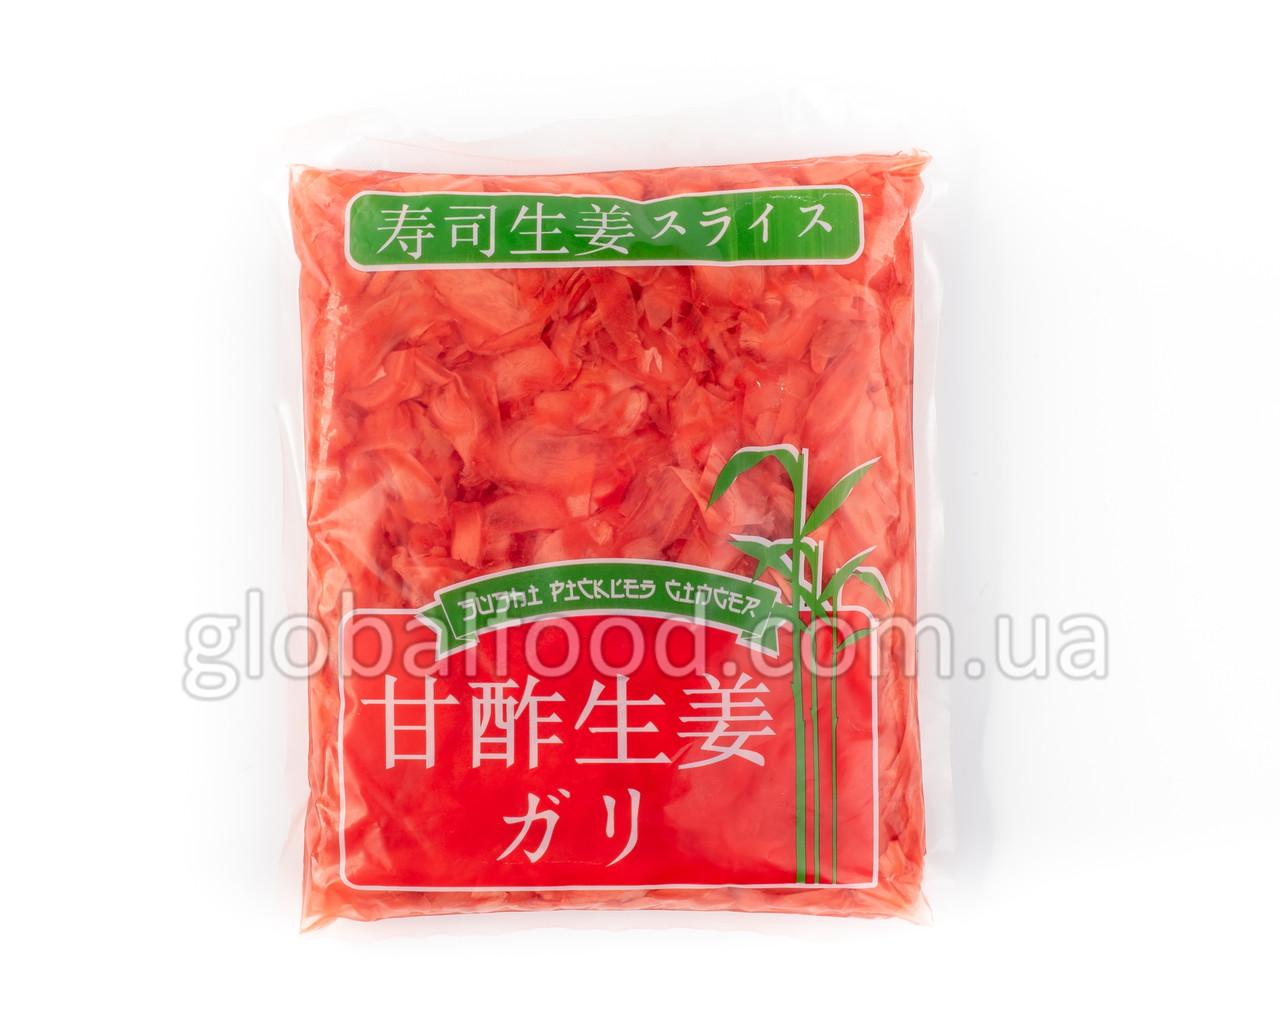 Имбирь Маринованный Розовый (1 кг.)